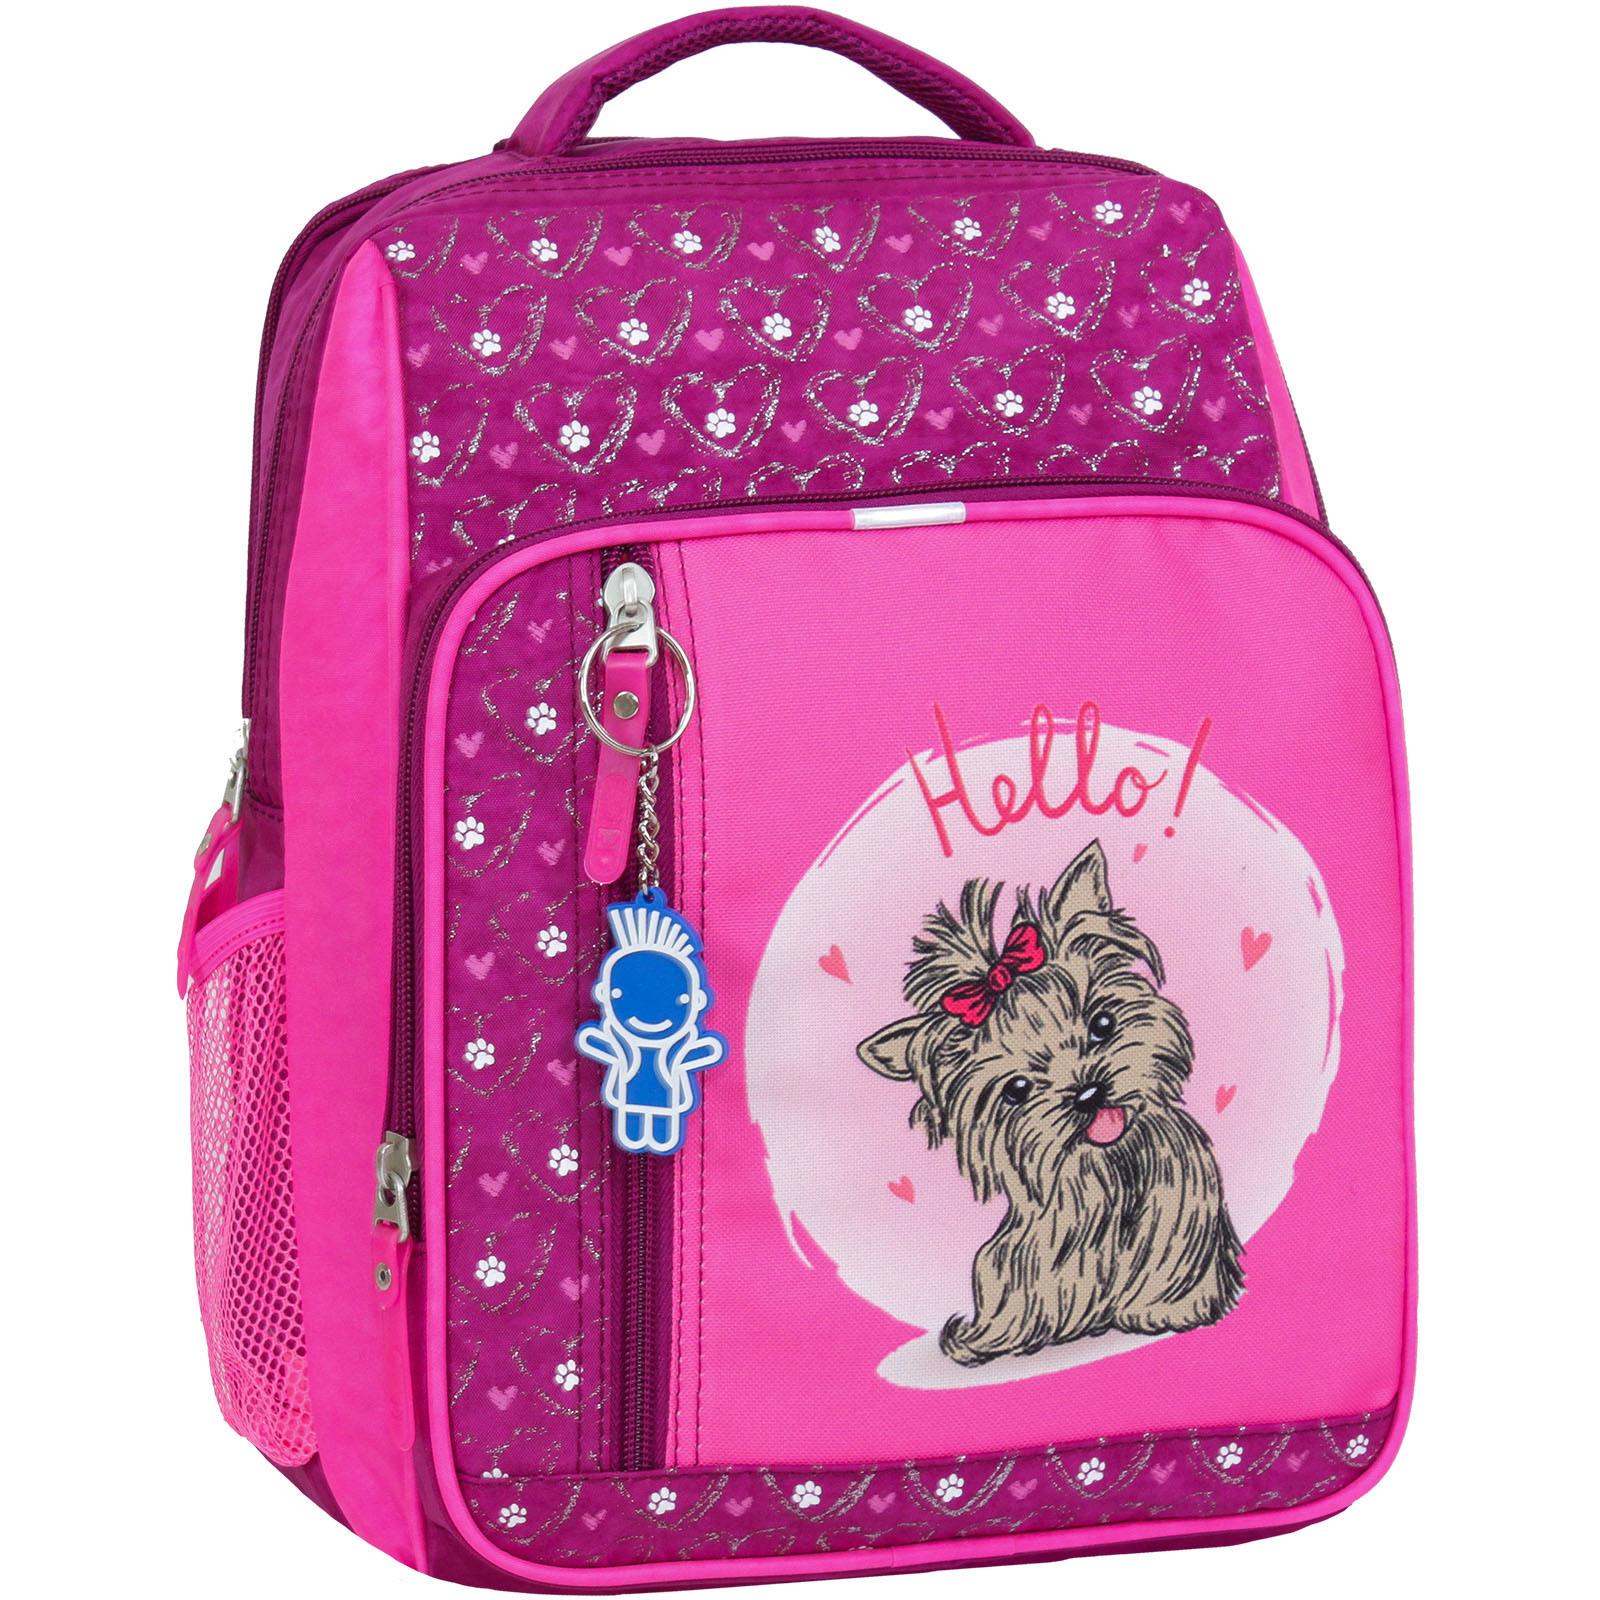 Школьные рюкзаки Рюкзак школьный Bagland Школьник 8 л. 143 малиновый 167k (0012870) IMG_7692-1600__арт167К_.jpg